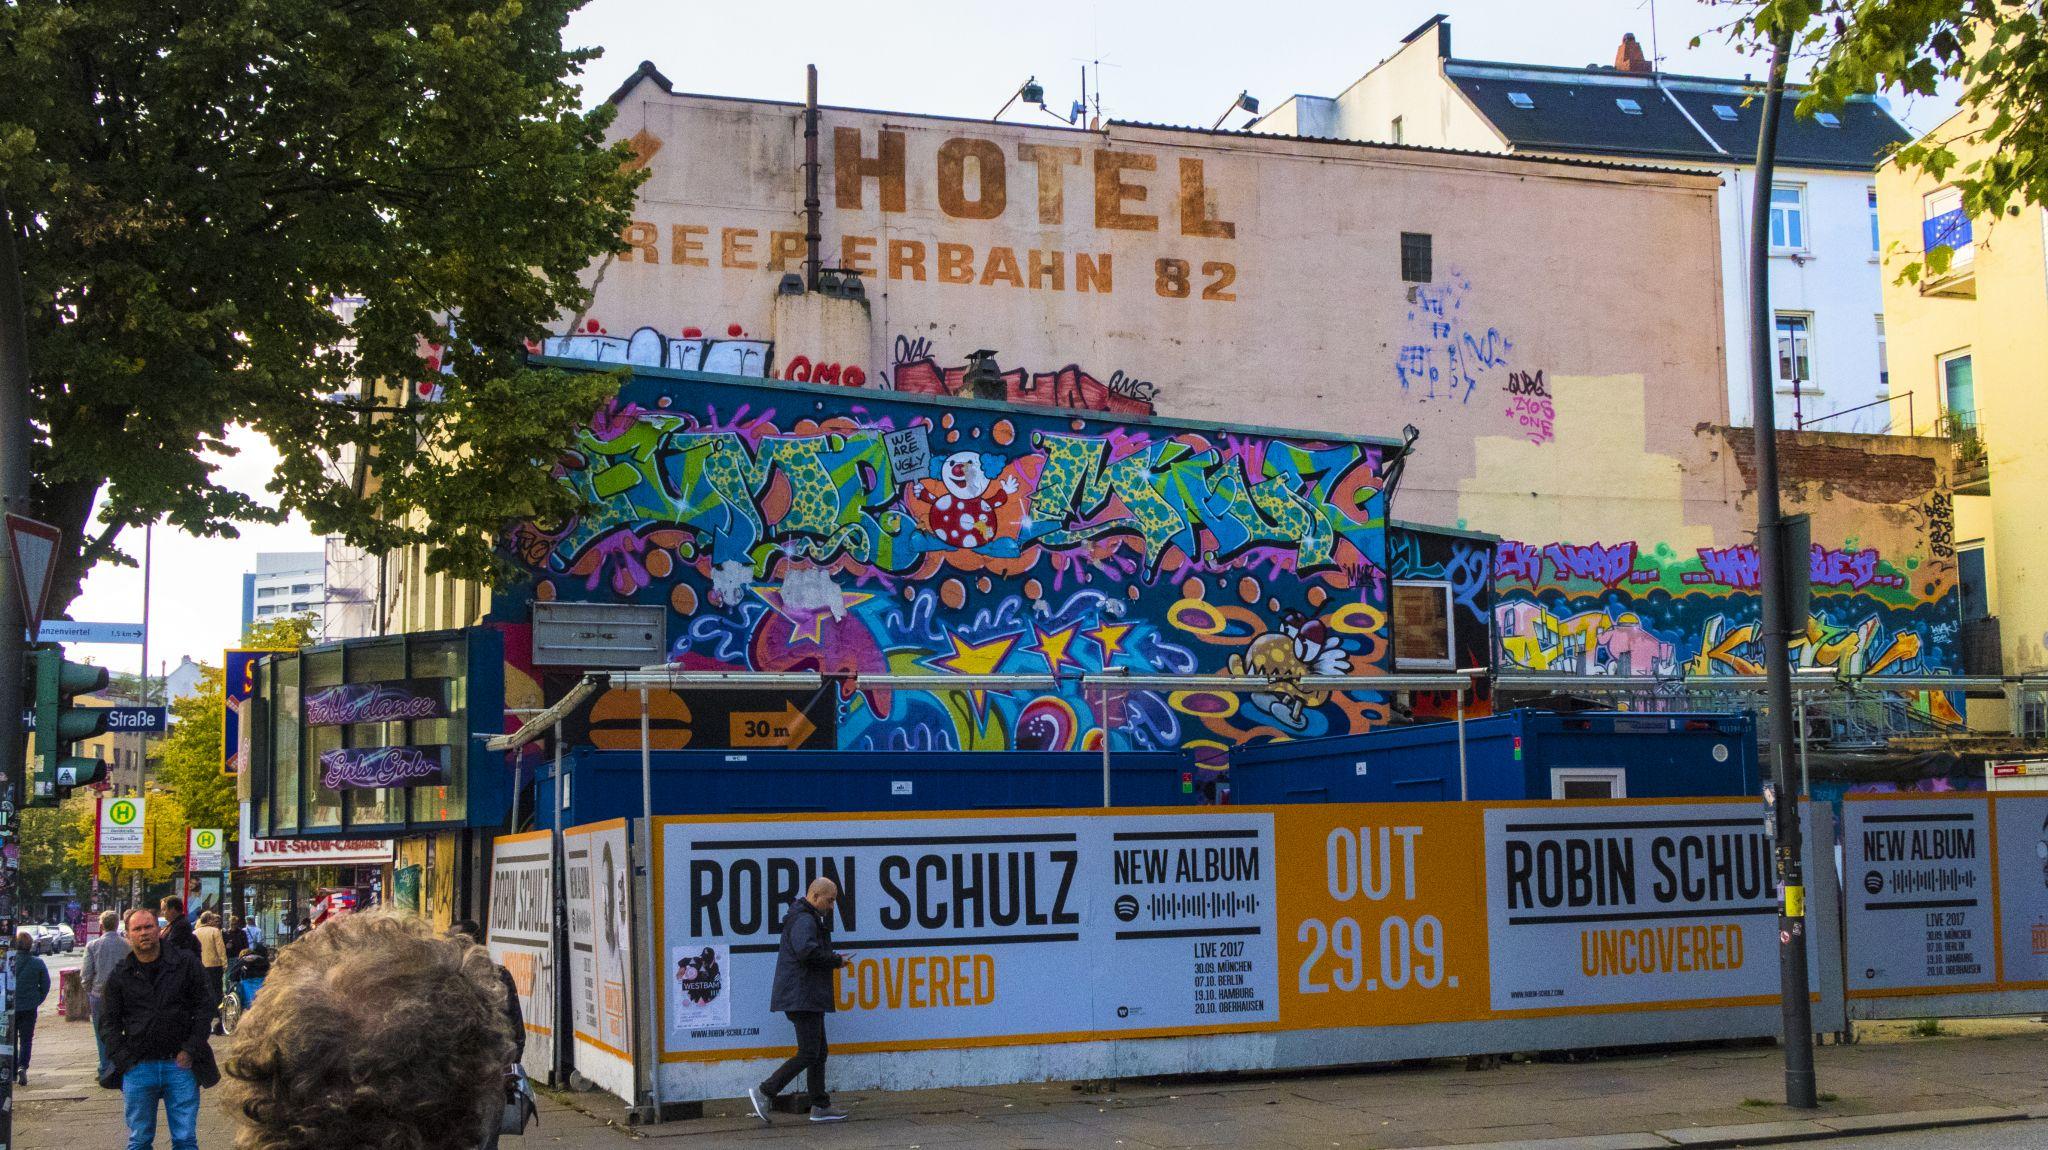 Reeperbahn Festival 2017